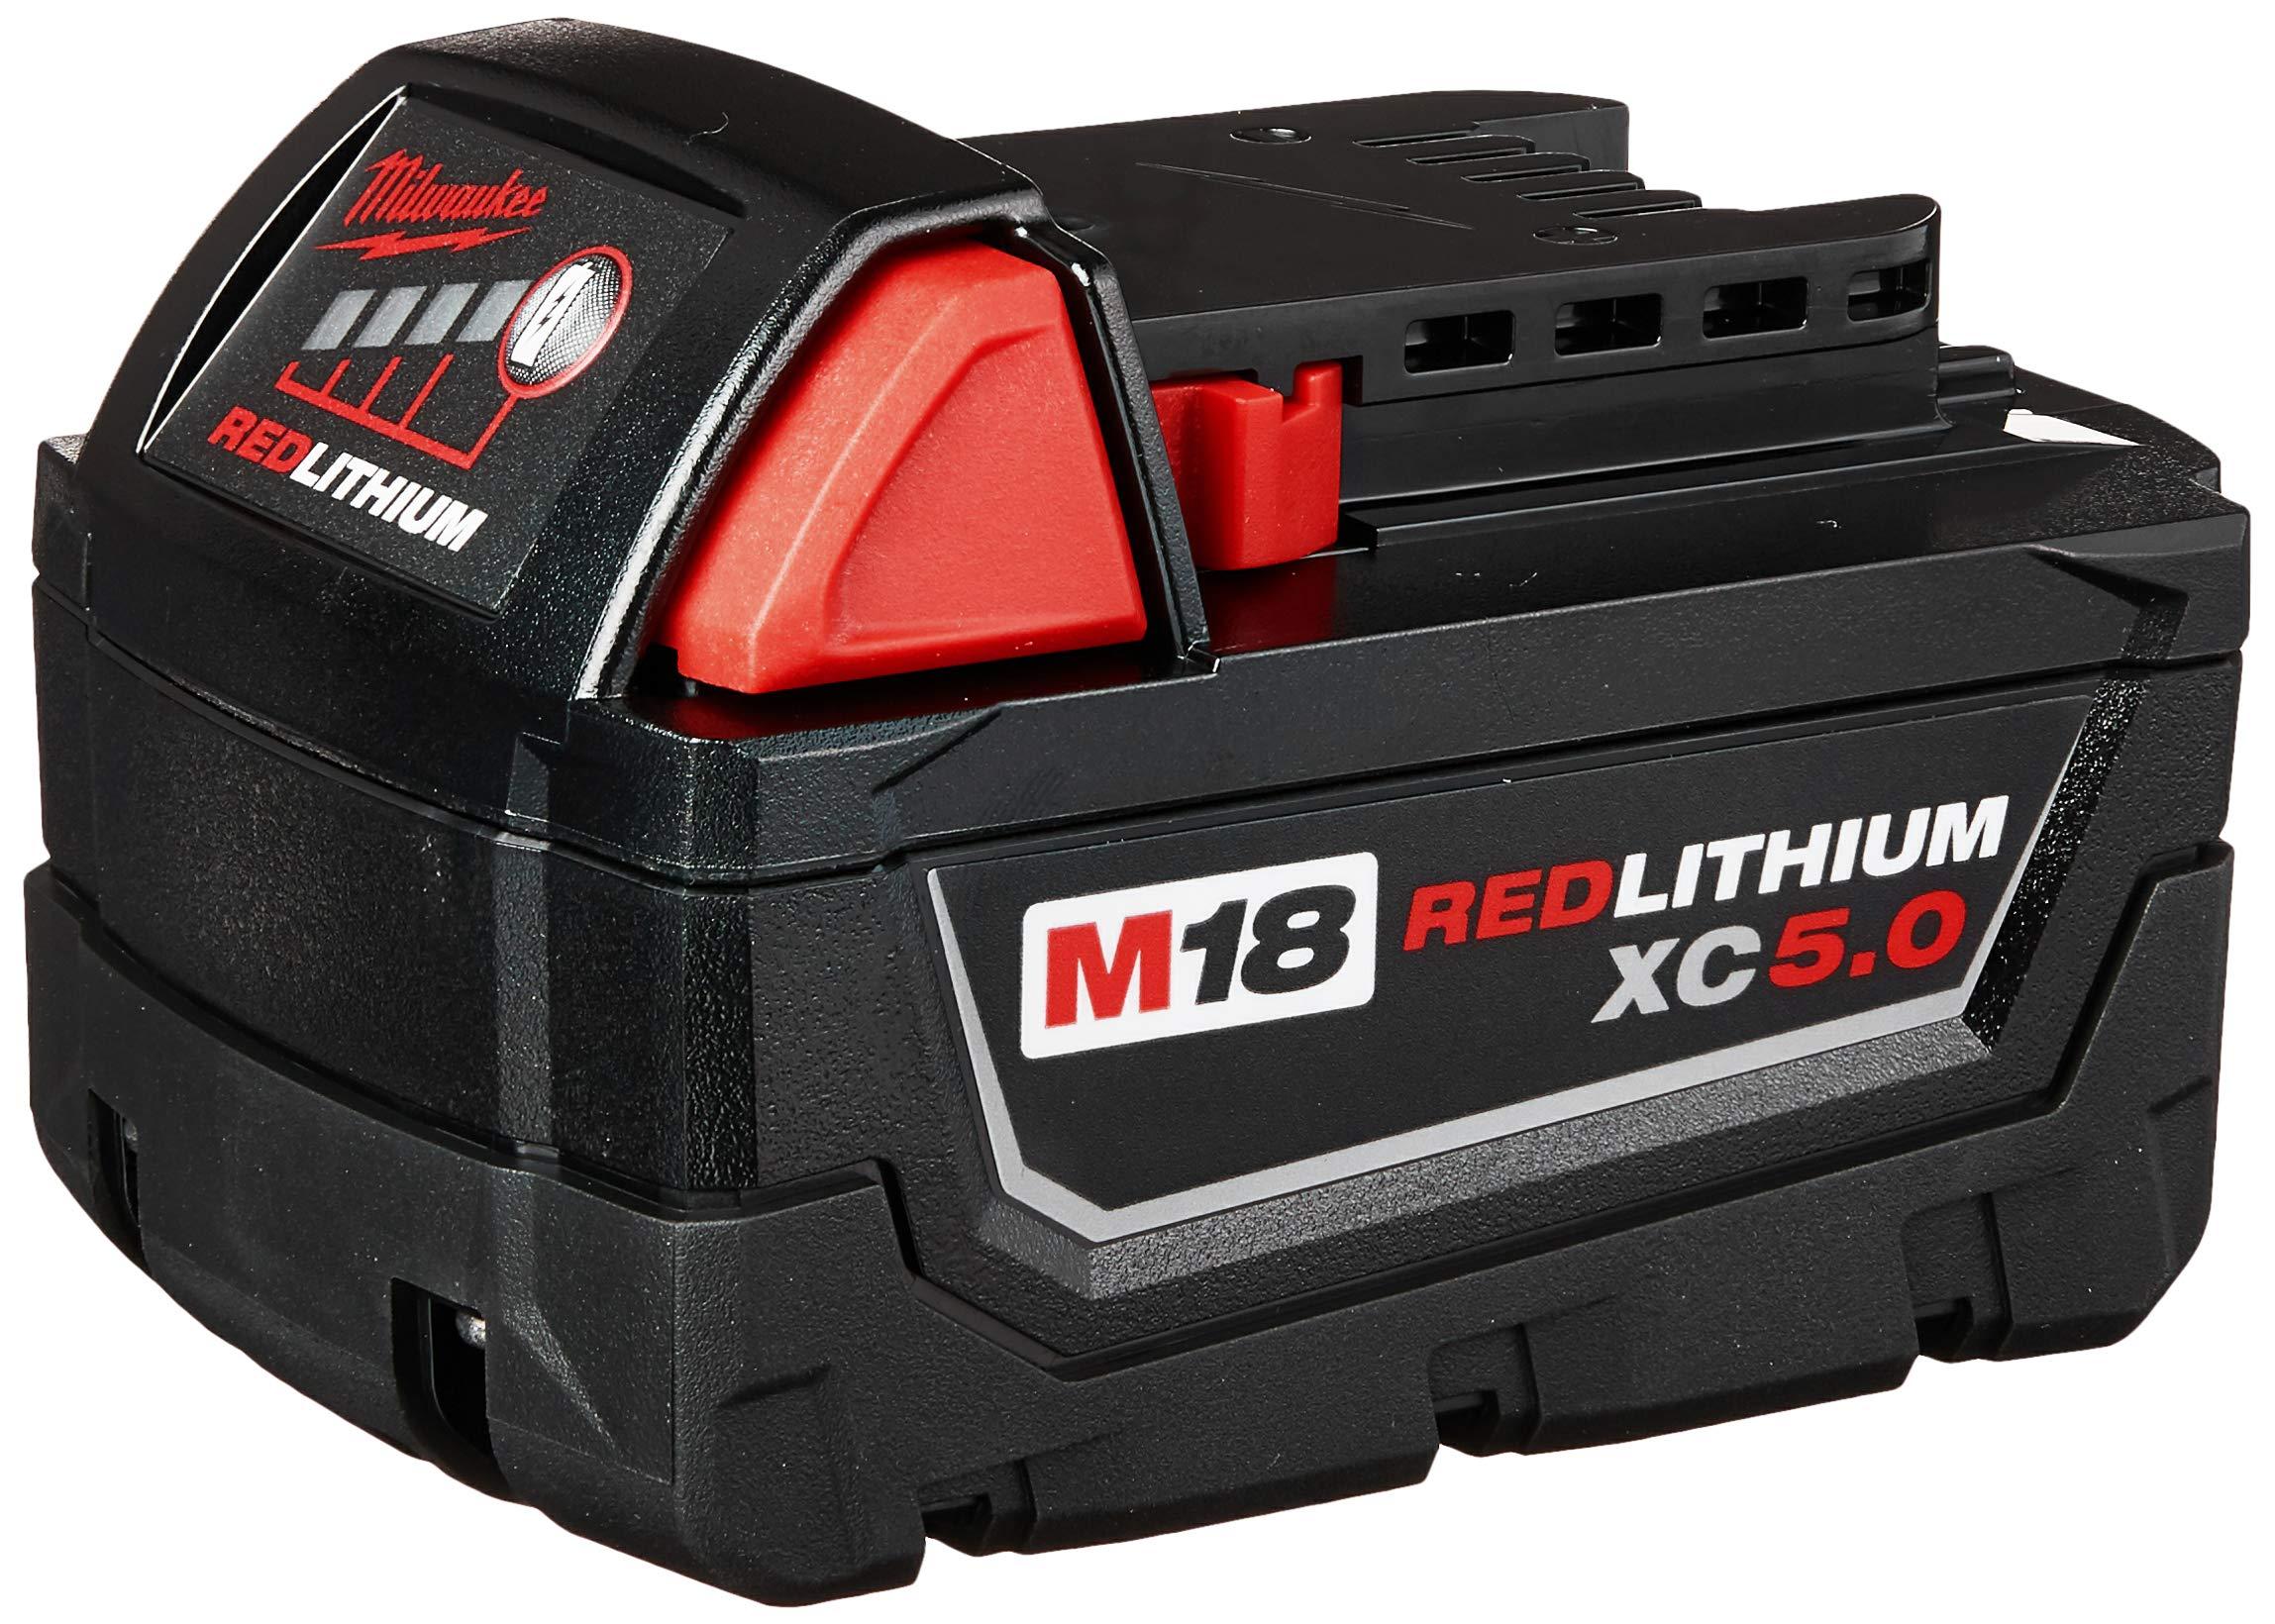 Milwaukee 48-11-1850 M18 Redlithium 5.0Ah Bat Pack by Milwaukee